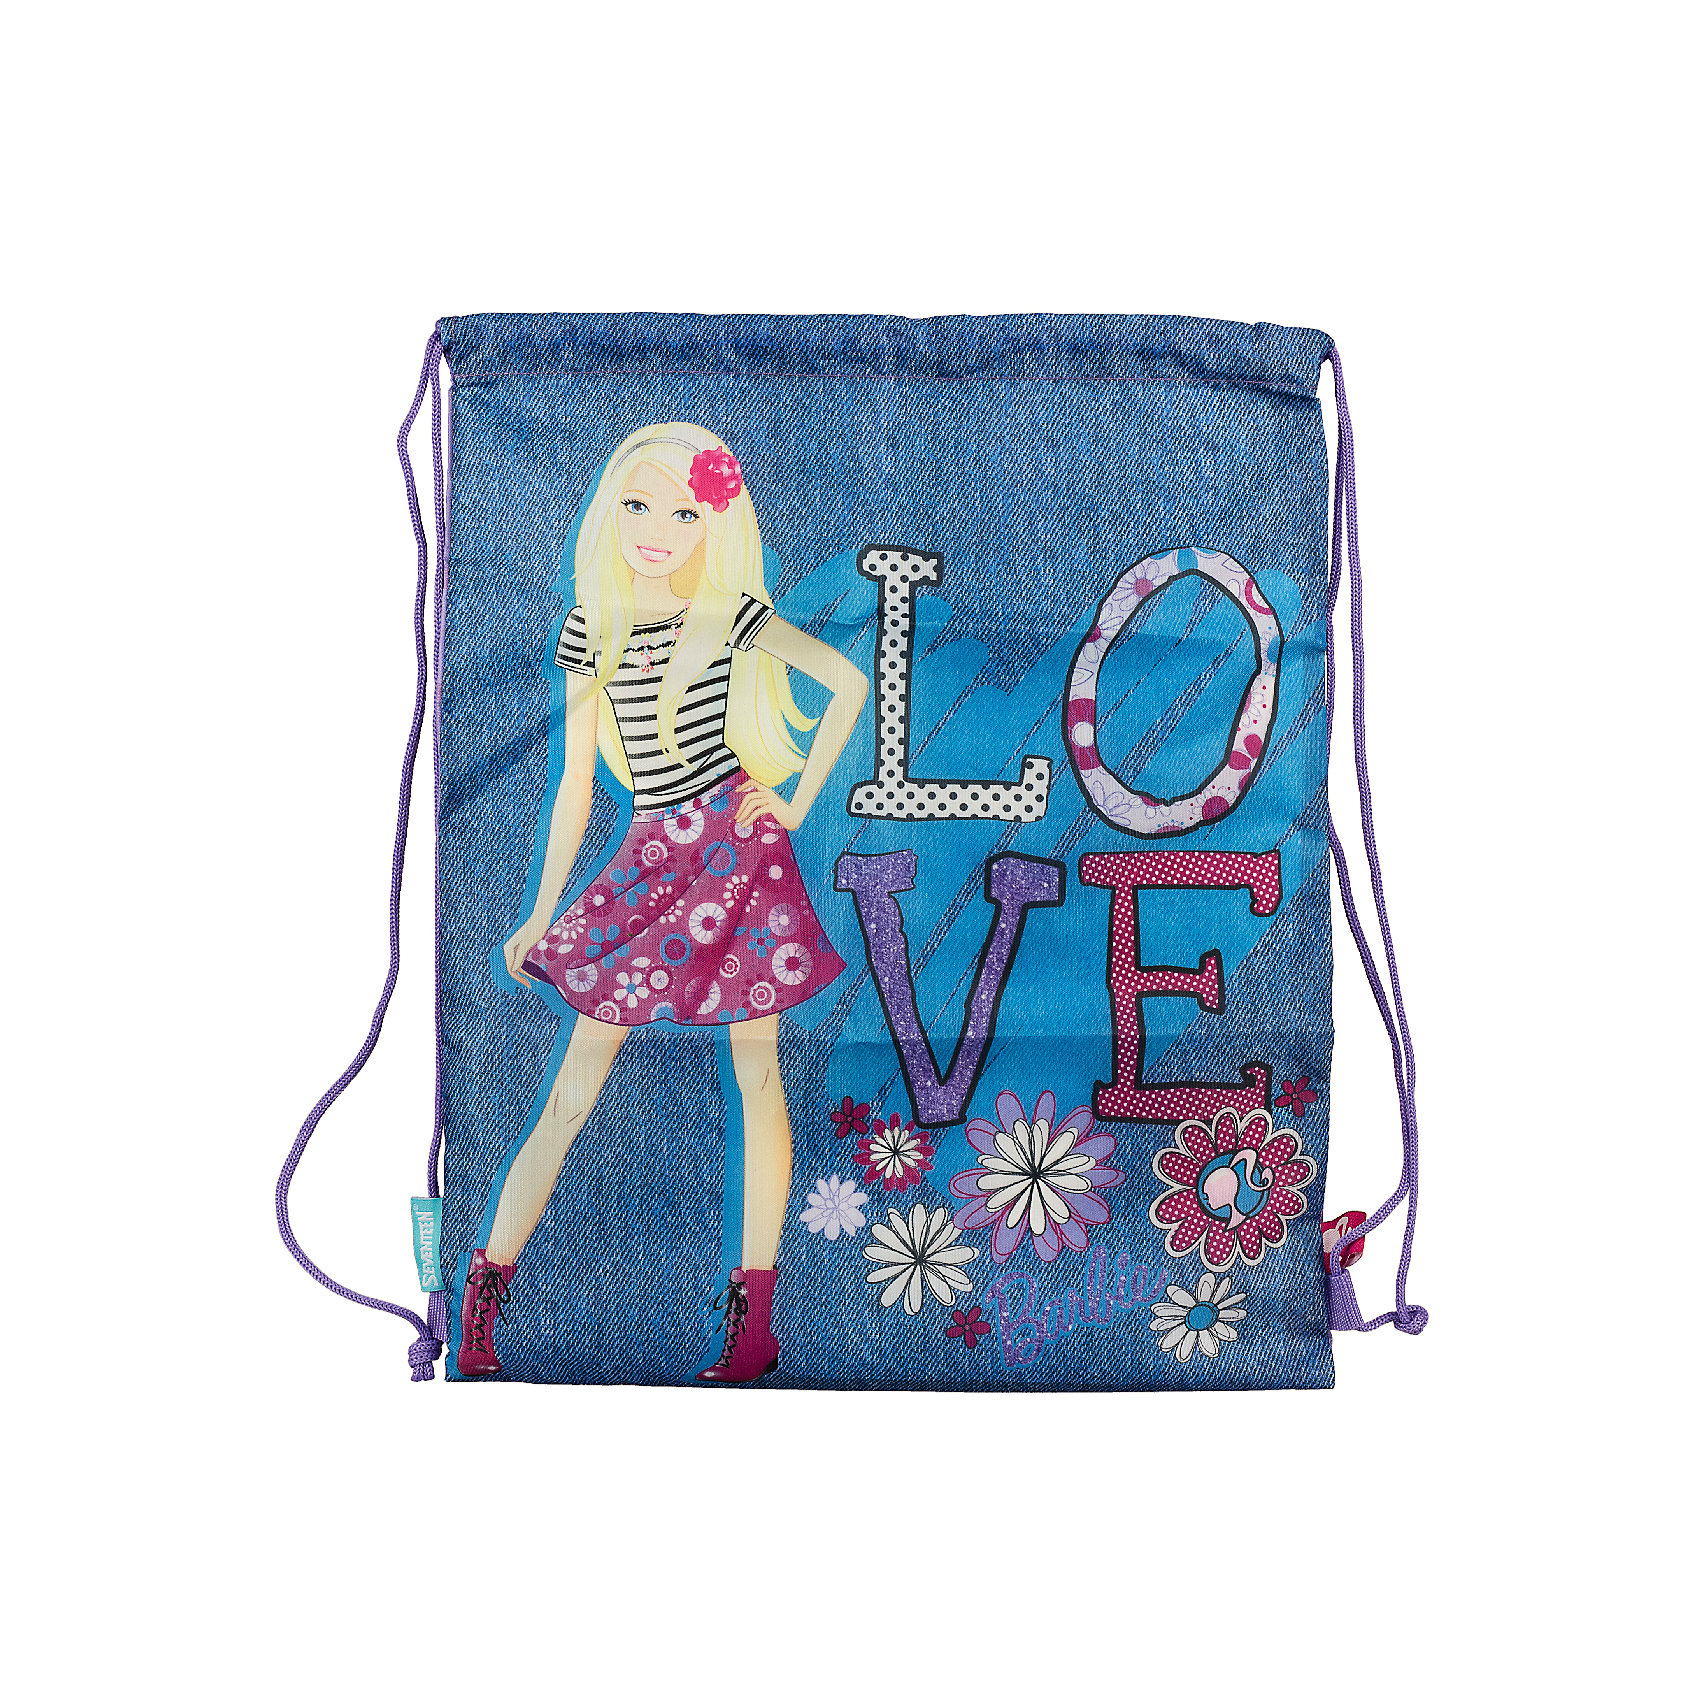 Сумка-рюкзак для обуви, BarbieСумку-рюкзак удобно использовать для хранения и переноски сменной обуви. Мешок выполнен из плотного материала. Он затягивается сверху при помощи текстильных шнурков, которые фиксируются в нижней части, благодаря чему его можно носить за спиной, как рюкзак.<br><br>Дополнительная информация:<br><br>Размер: 43 х 34 х 1 см.<br><br>Сумку-рюкзак для обуви, Barbie можно купить в нашем магазине.<br><br>Ширина мм: 430<br>Глубина мм: 340<br>Высота мм: 10<br>Вес г: 55<br>Возраст от месяцев: 96<br>Возраст до месяцев: 108<br>Пол: Женский<br>Возраст: Детский<br>SKU: 4140859